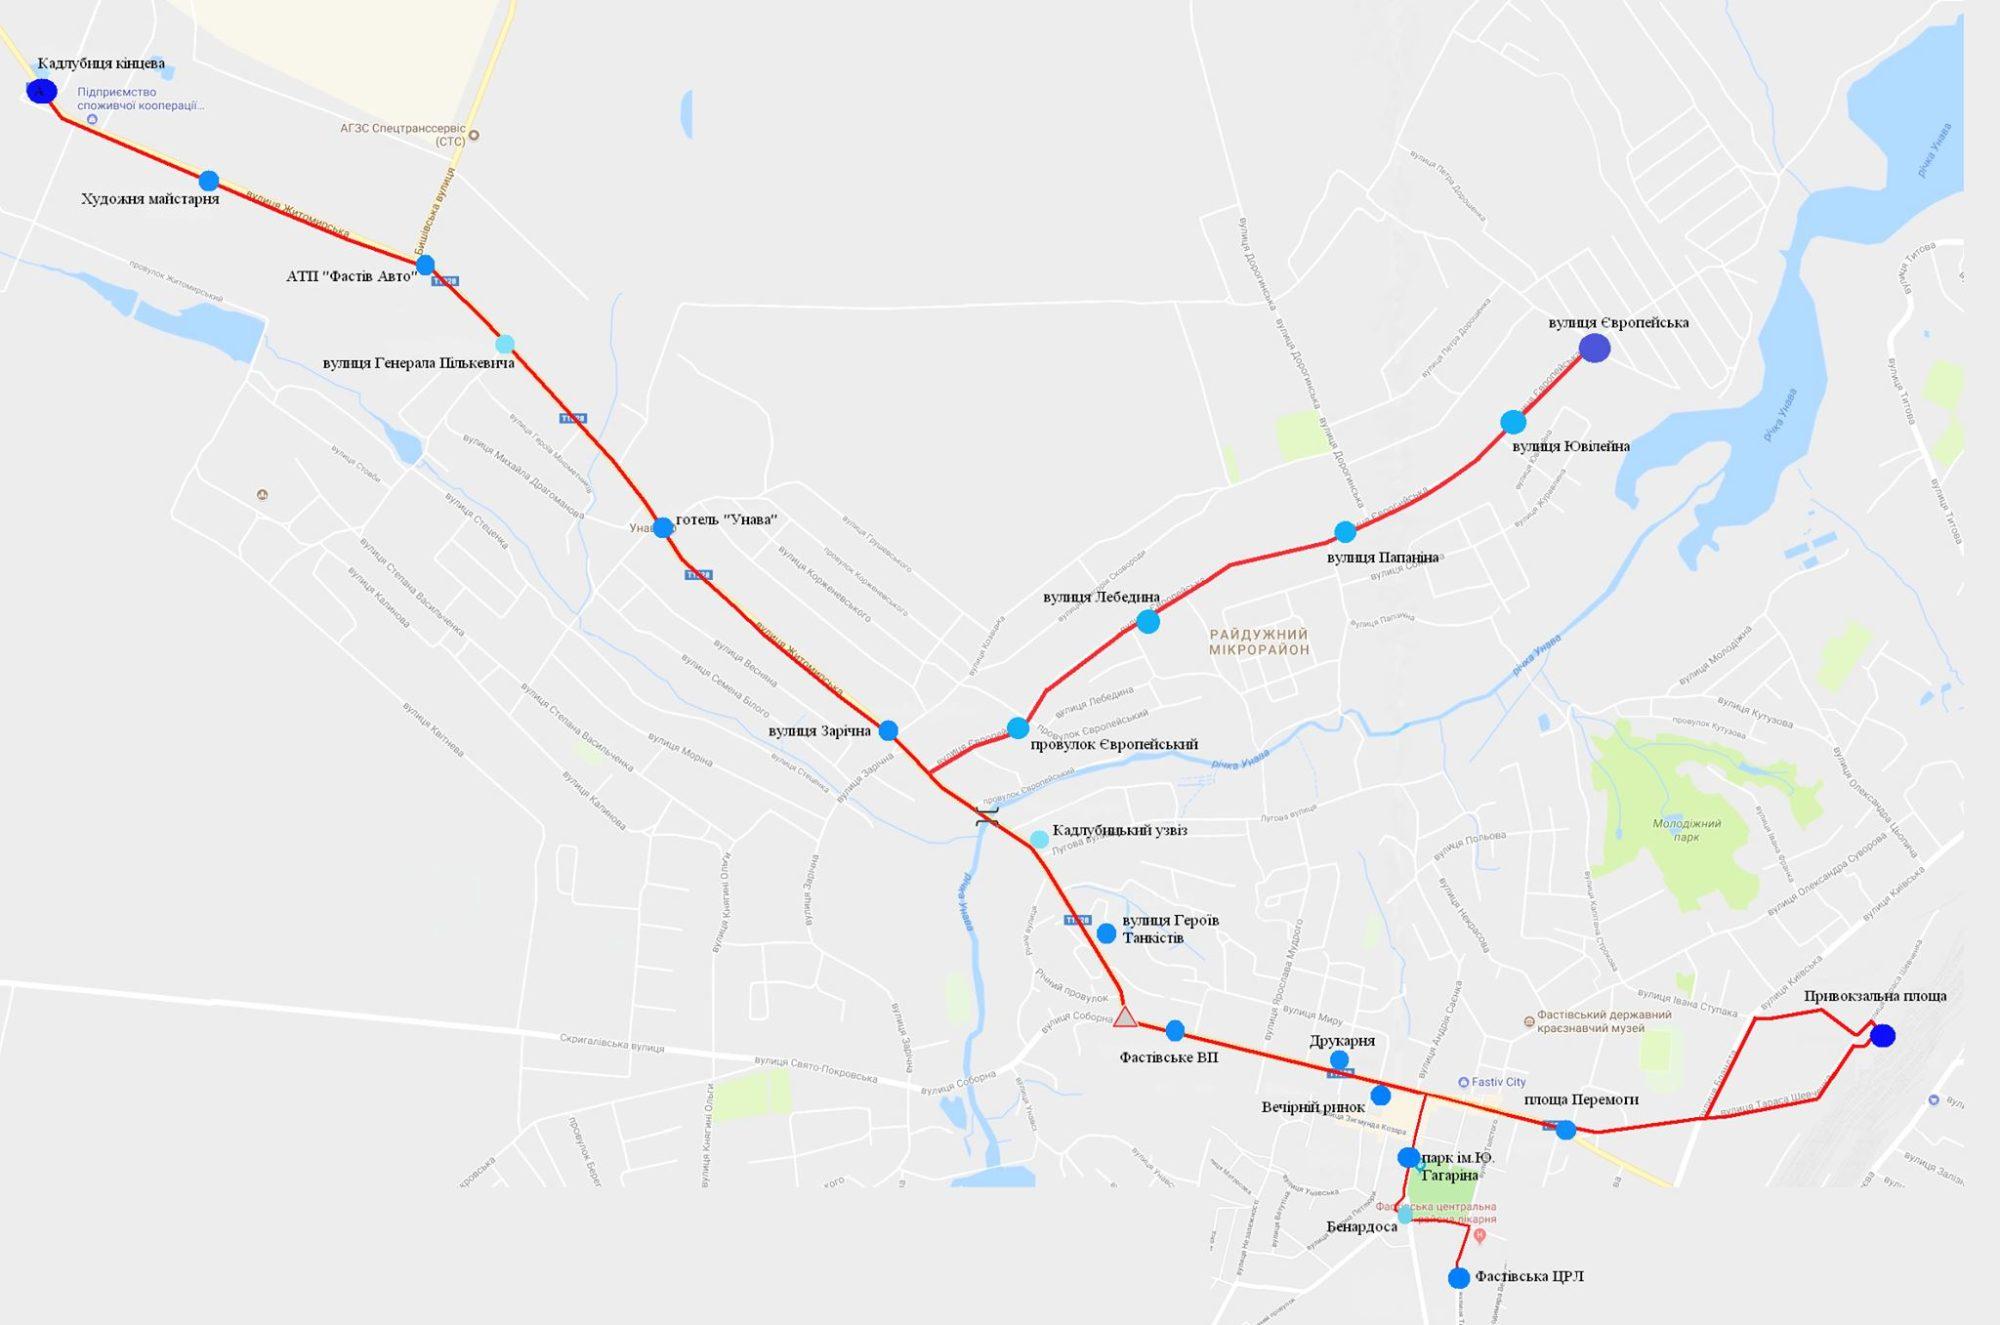 У Фастові оприлюднили уточнений розклад міських перевезень за перепустками - Фастів, карантин - Marshrut 1 5 2000x1325